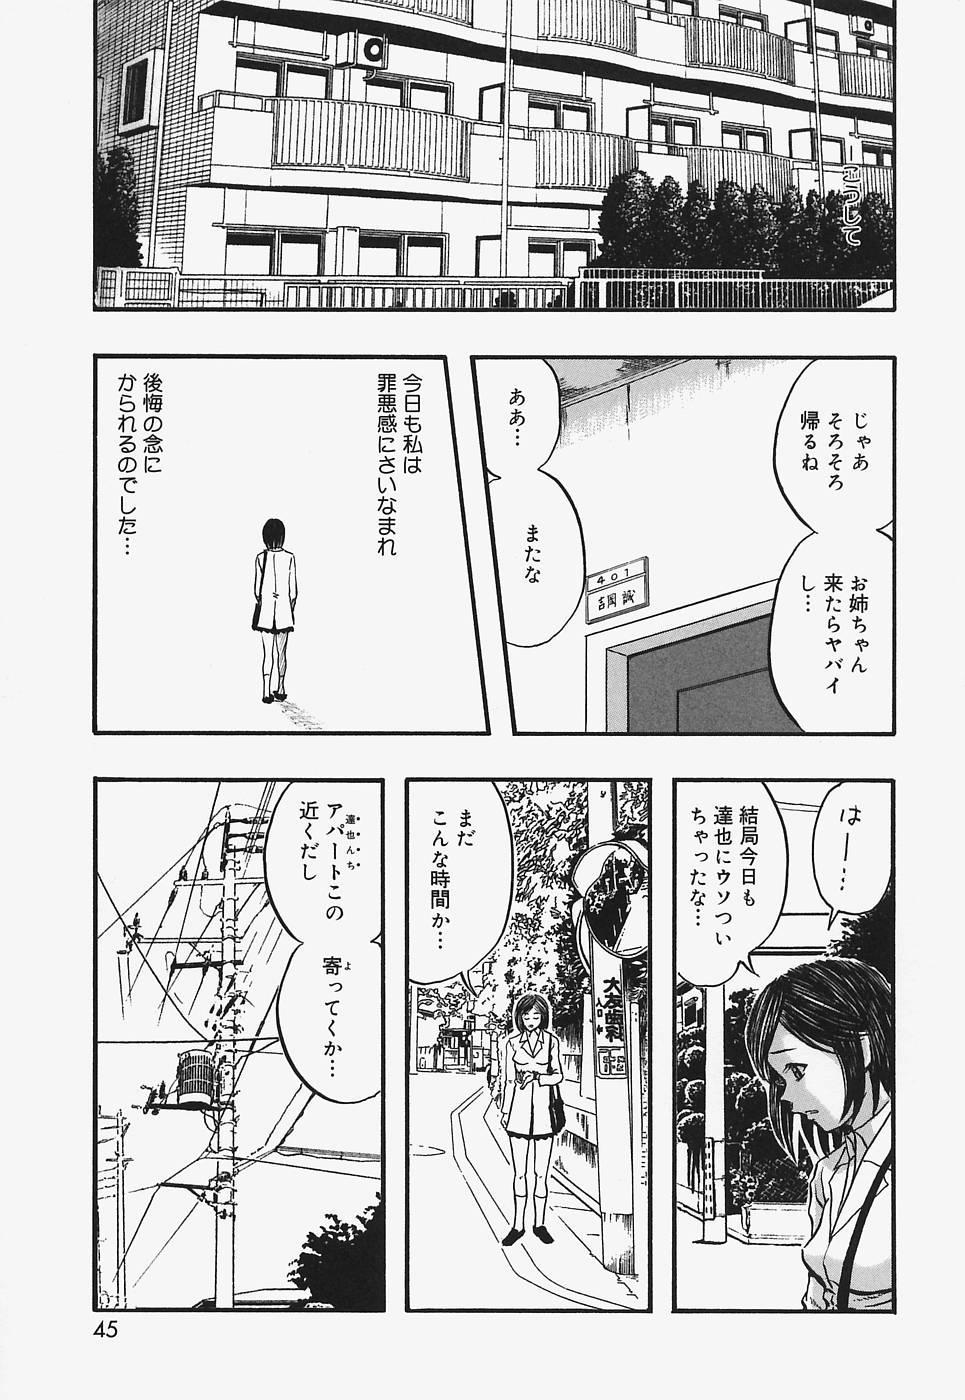 Nurunuru Syoujyo Jiru 44